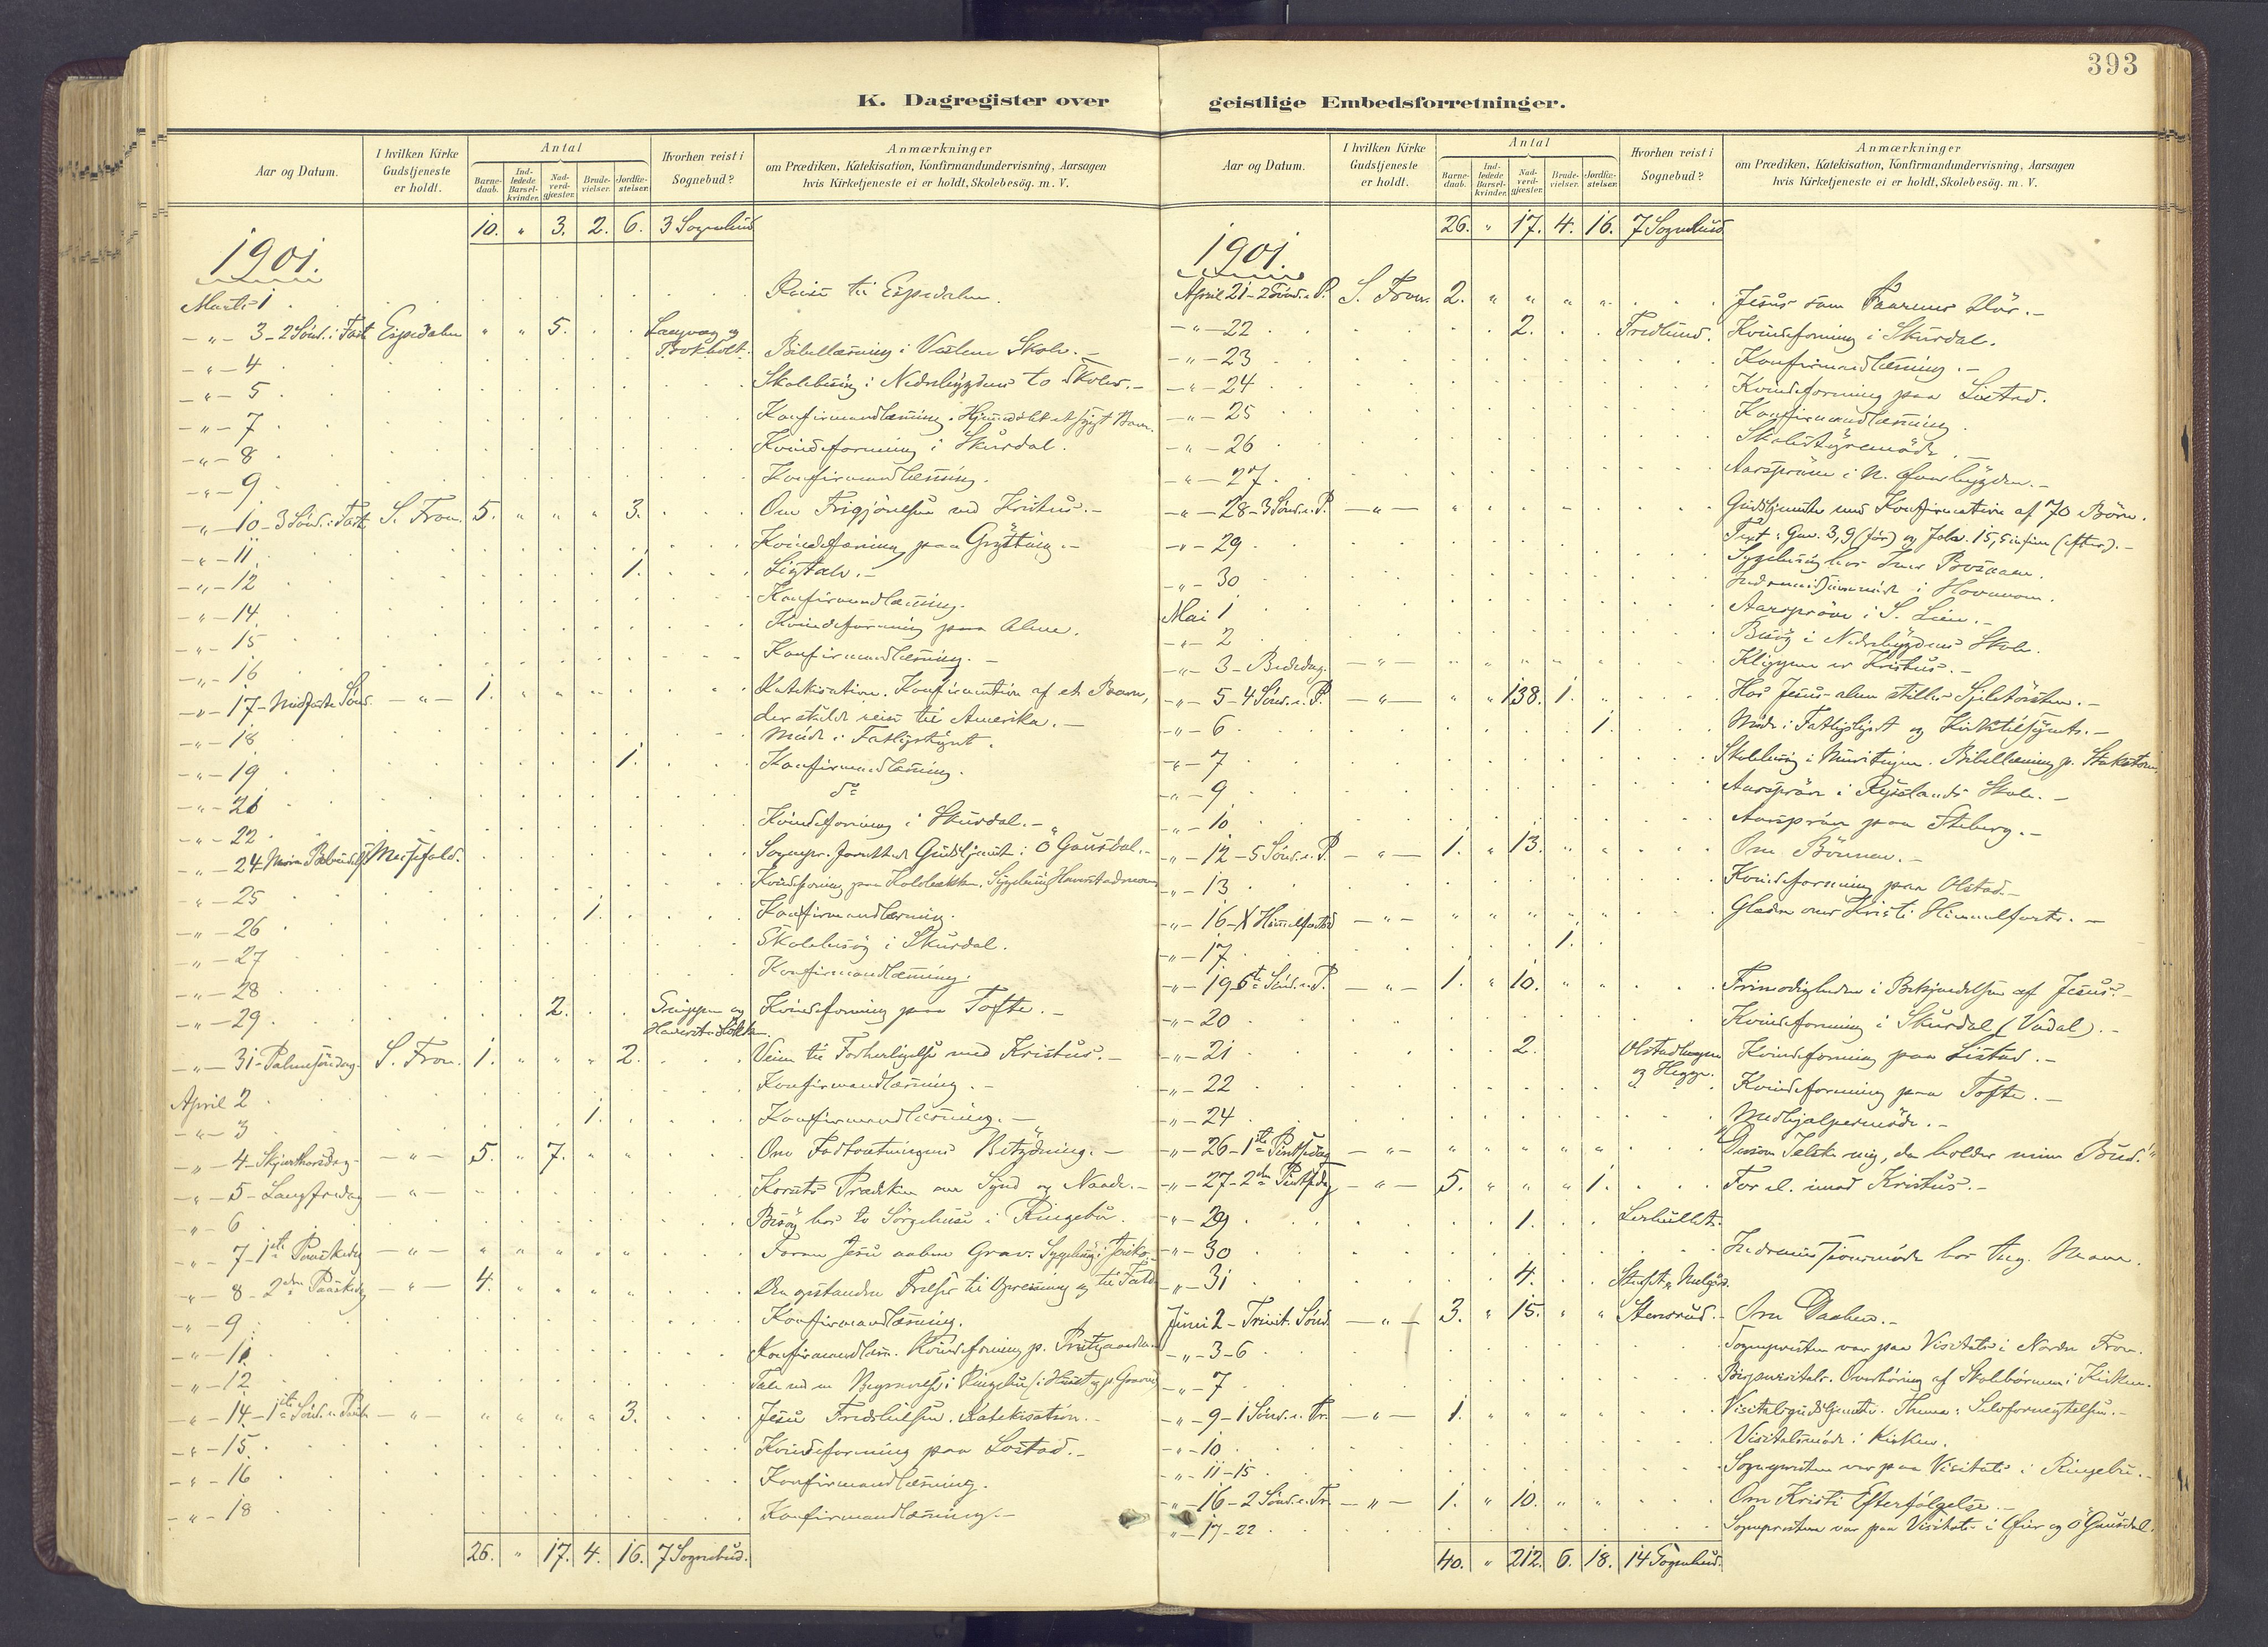 SAH, Sør-Fron prestekontor, H/Ha/Haa/L0004: Ministerialbok nr. 4, 1898-1919, s. 393